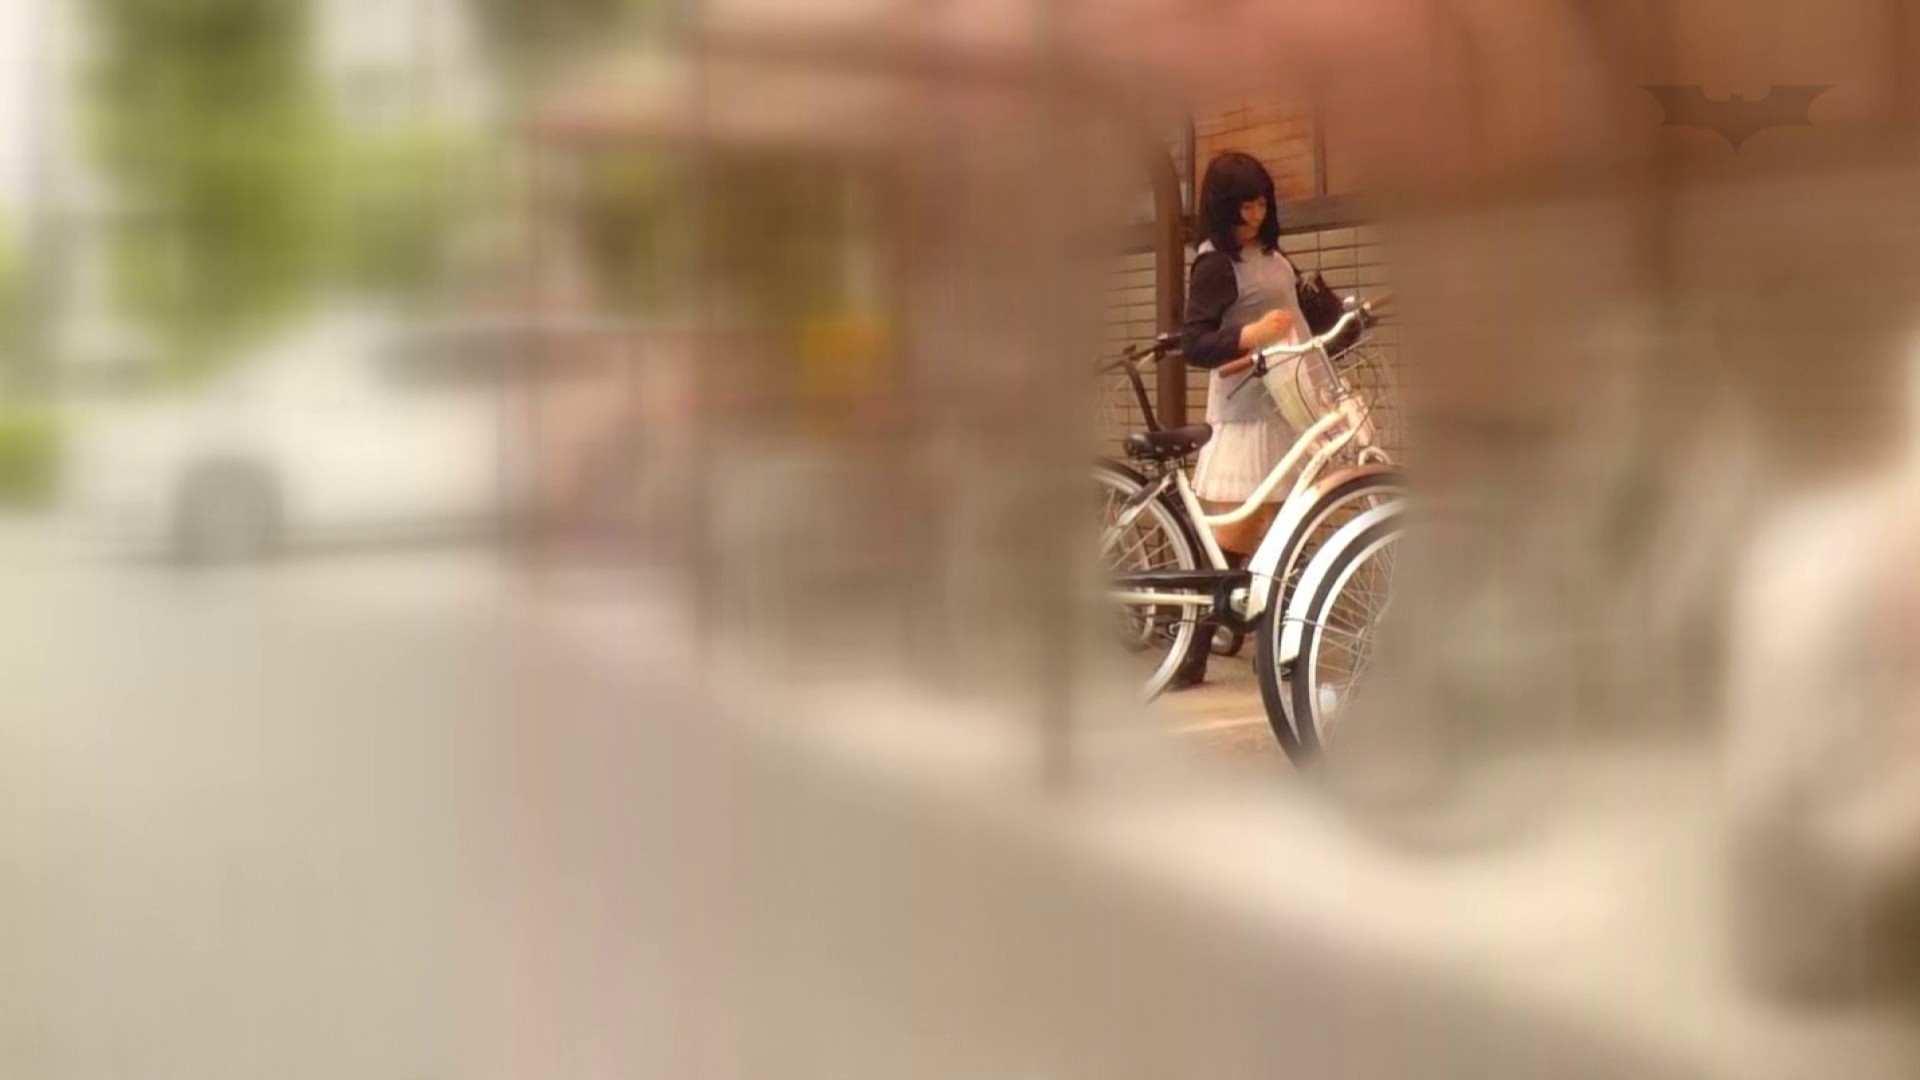 自転車パンチラ Vol.06 車 SEX無修正画像 86pic 22